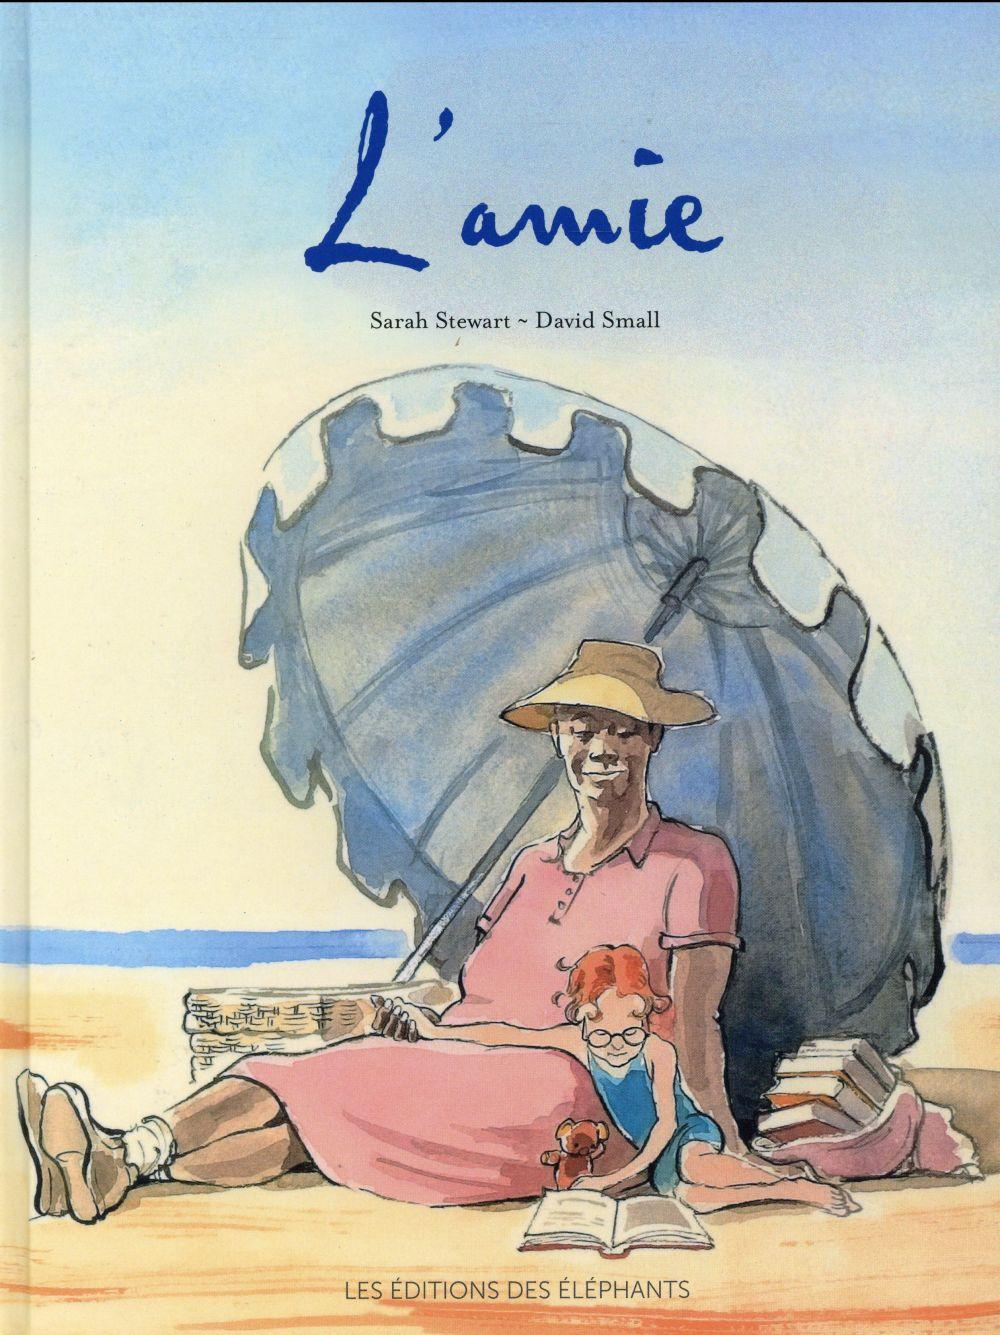 L'AMIE